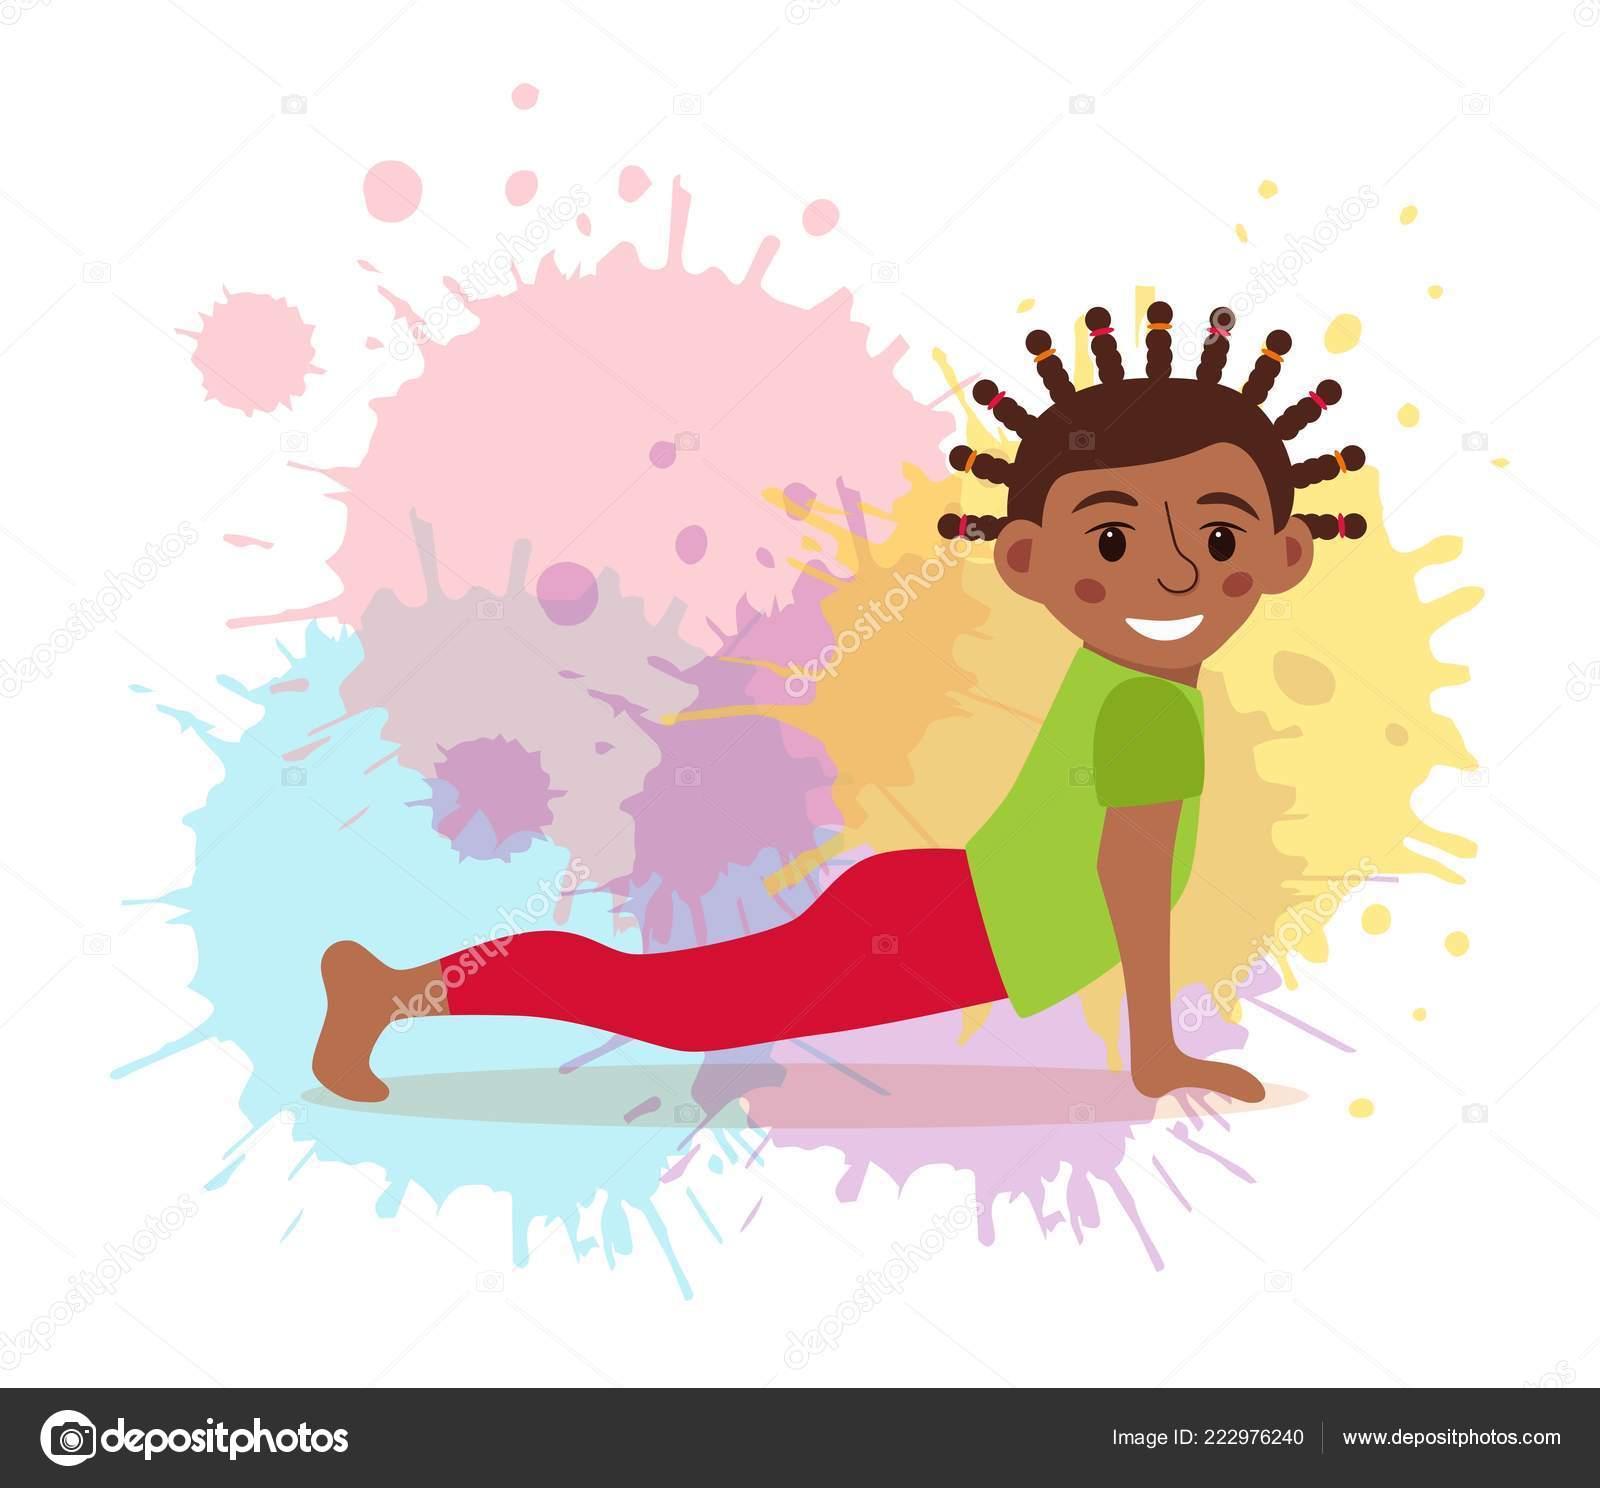 Vettore: disegno ginnastica per bambini. ginnastica di simpatico